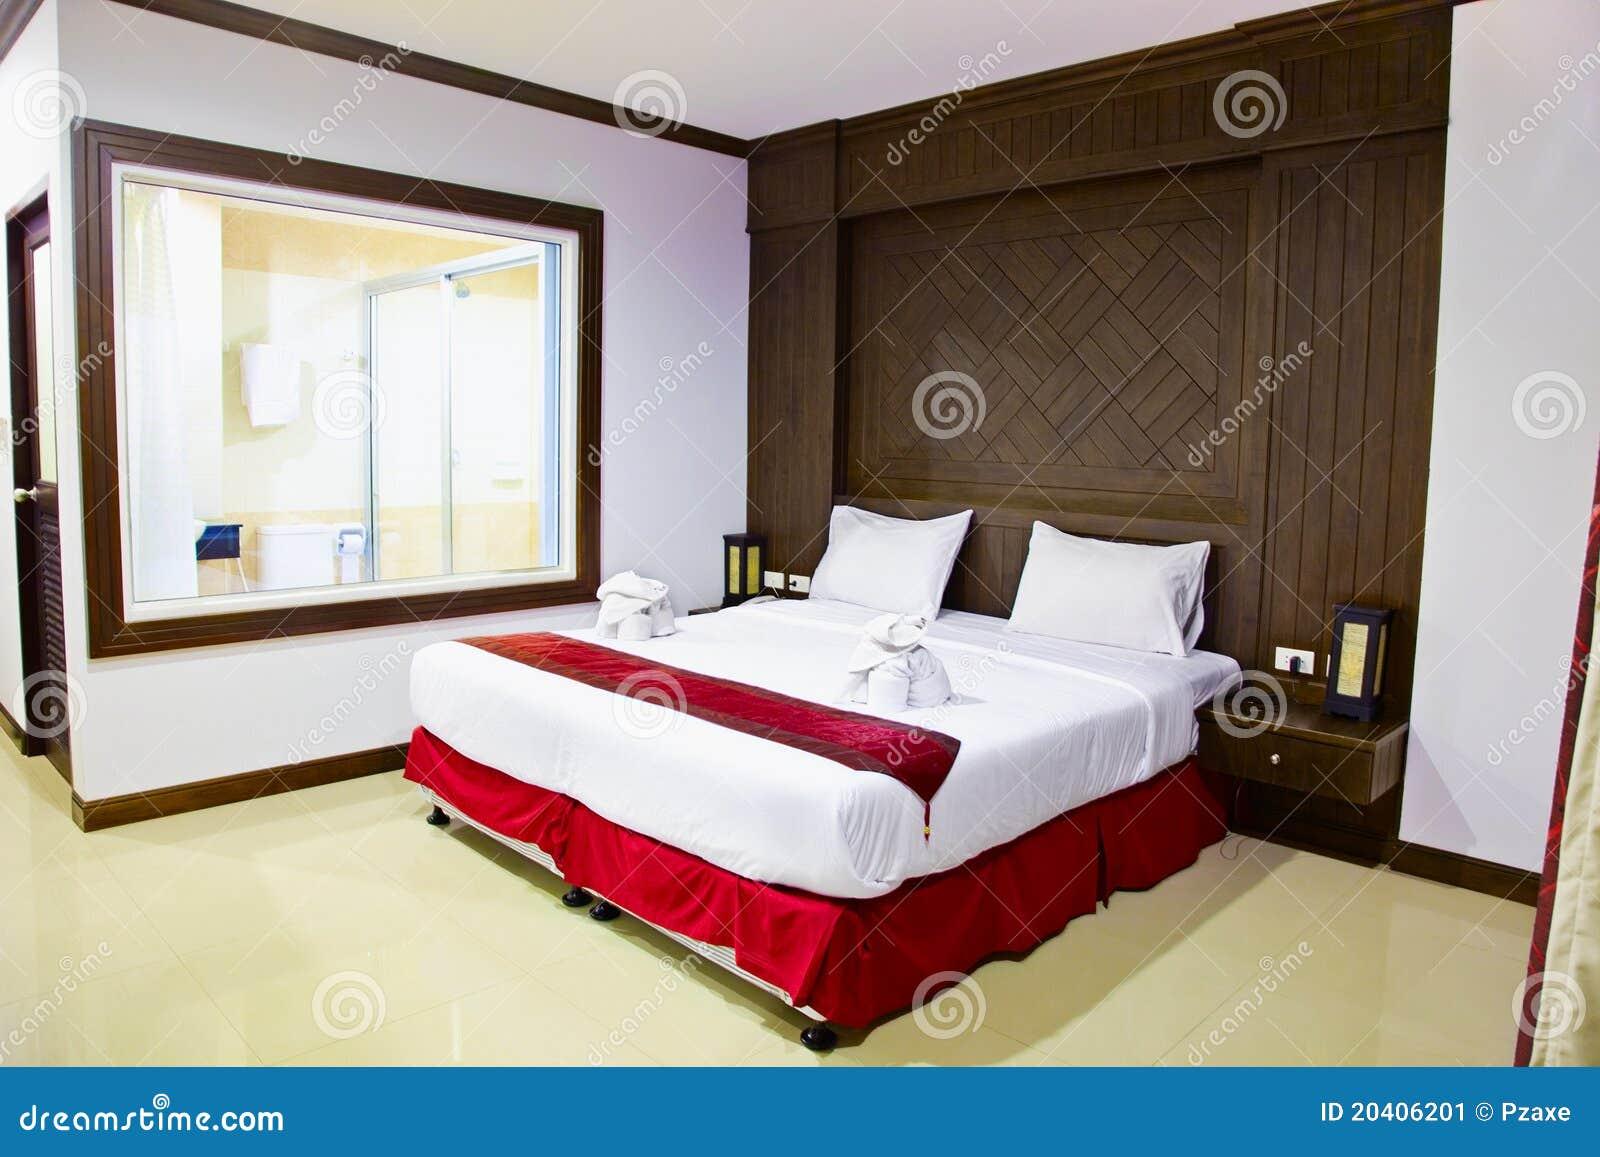 Interior de un cuarto en hotel cama grande imagen de for Cama grande